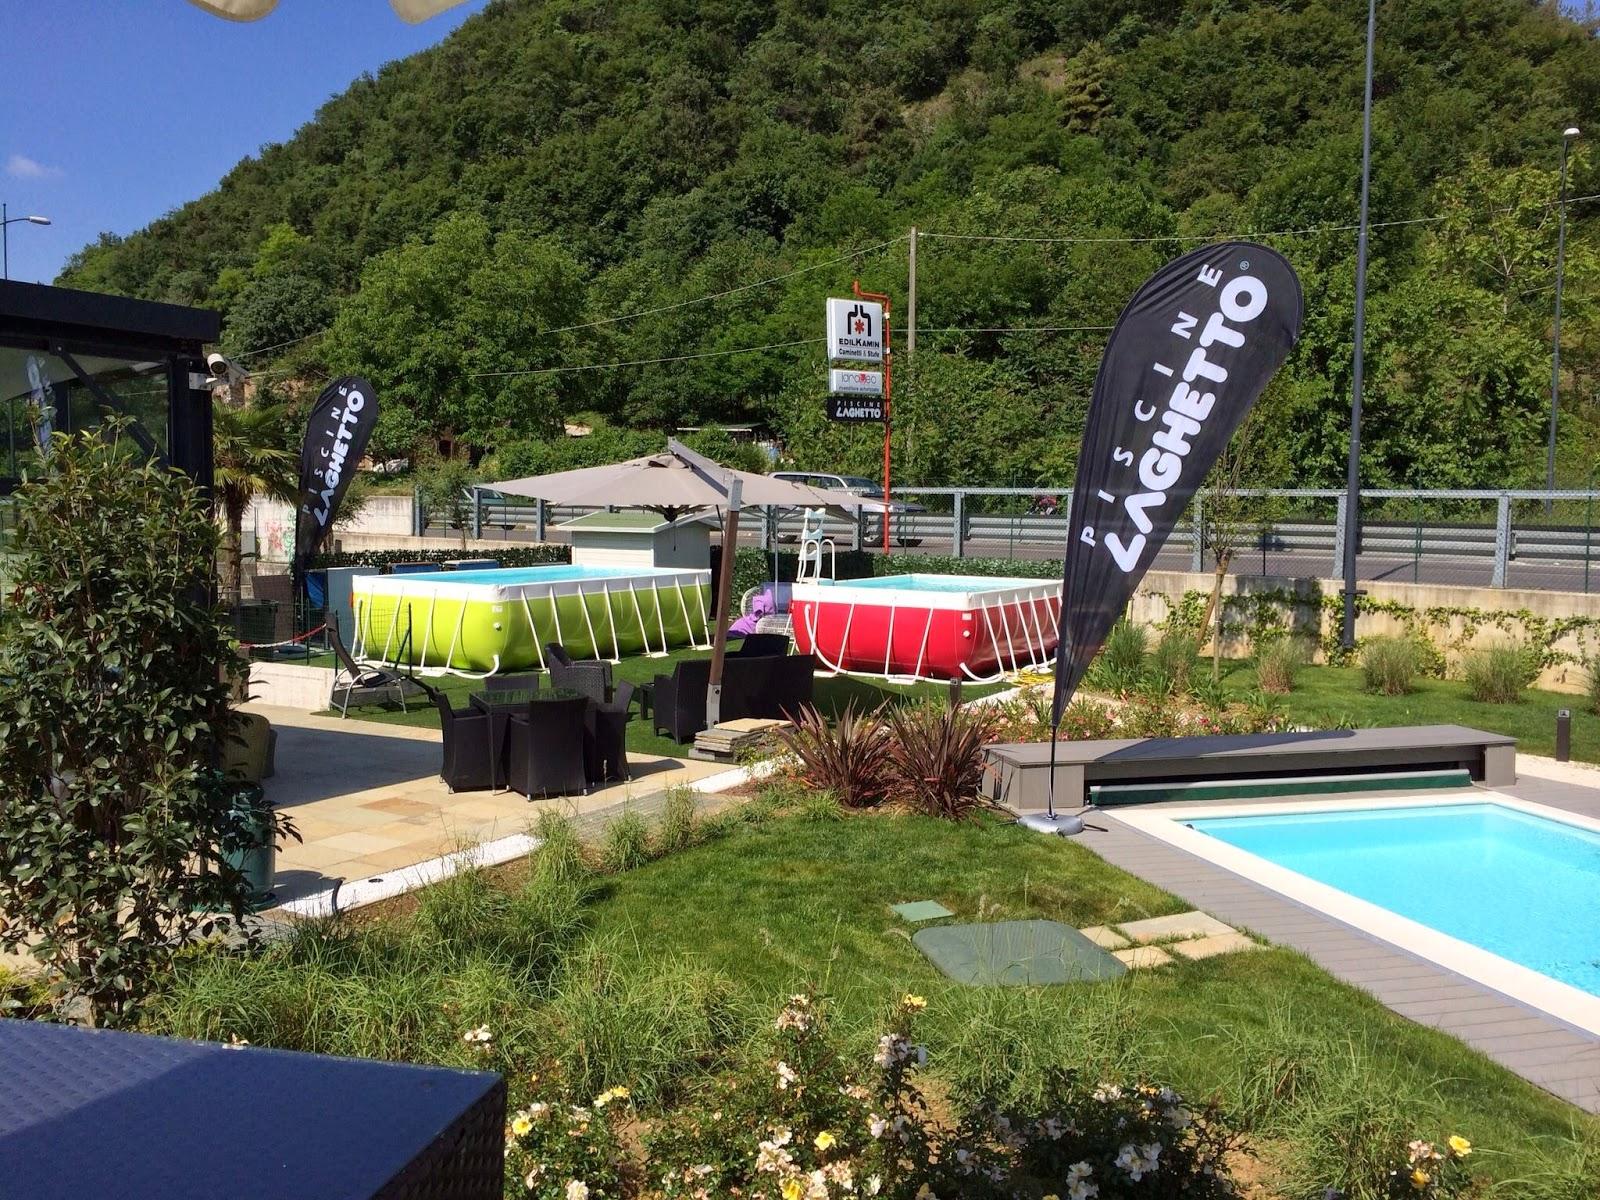 Vendita prodotti per piscine bergamo  My-Rome...